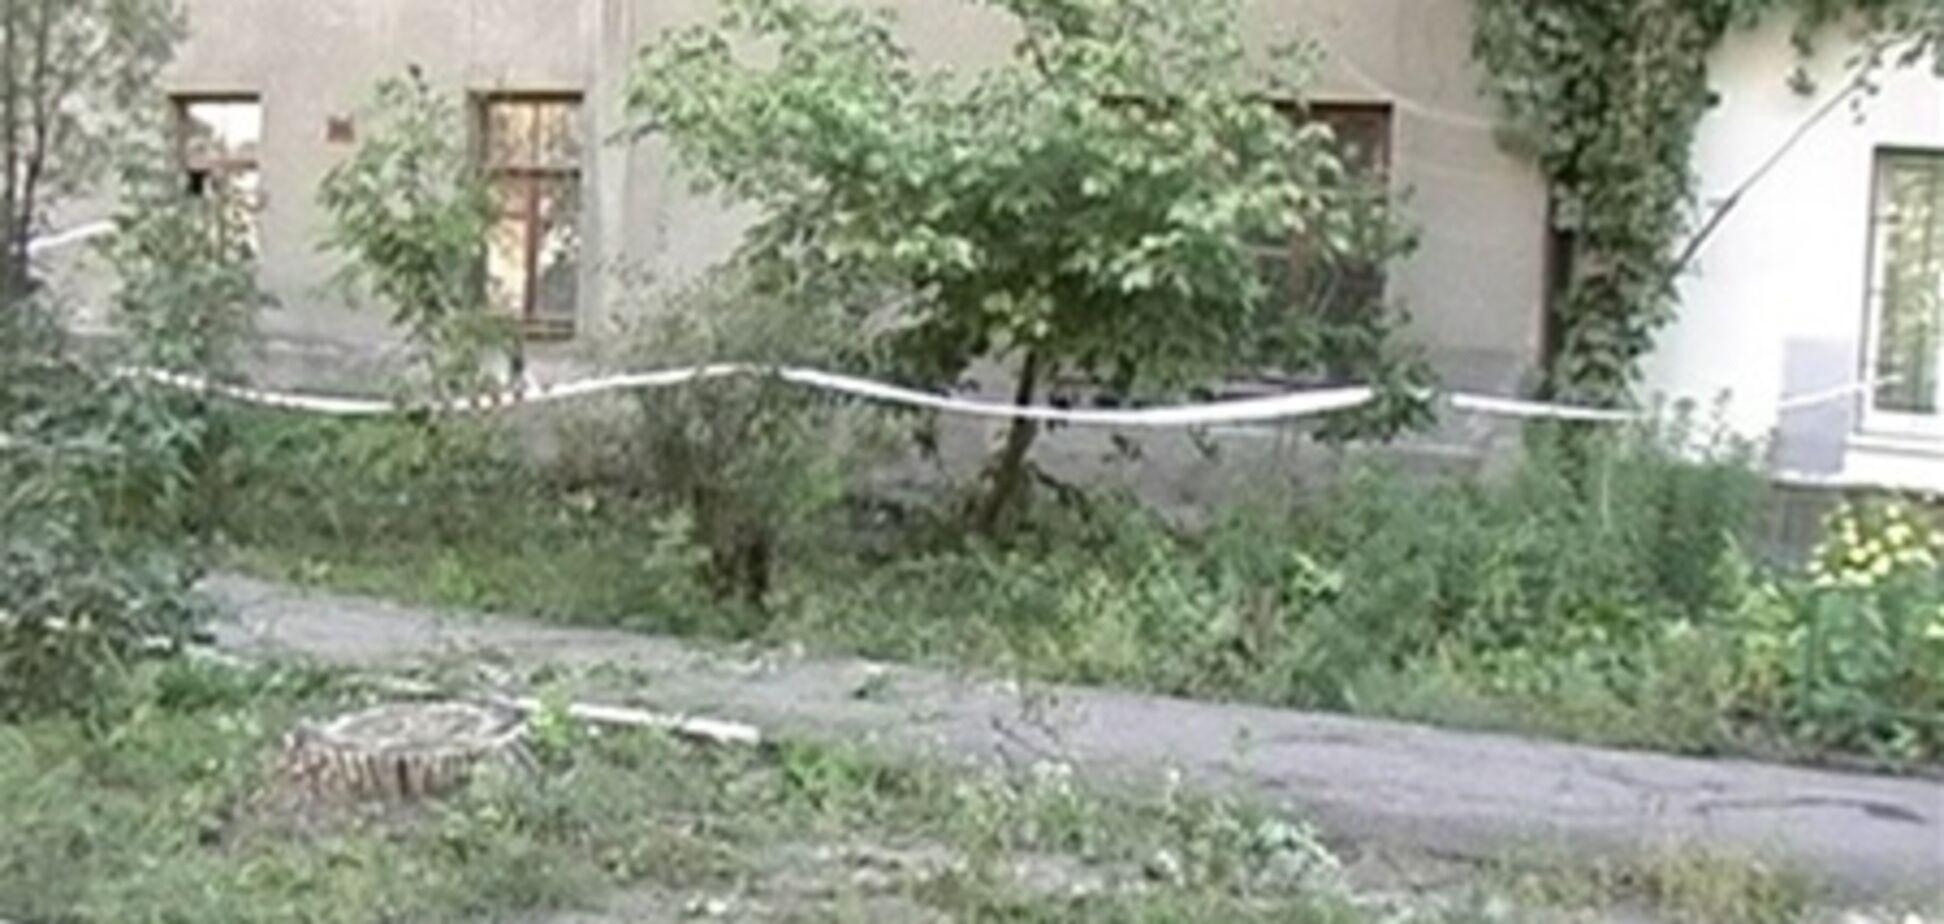 Расстрел в Харькове: подробности и версии